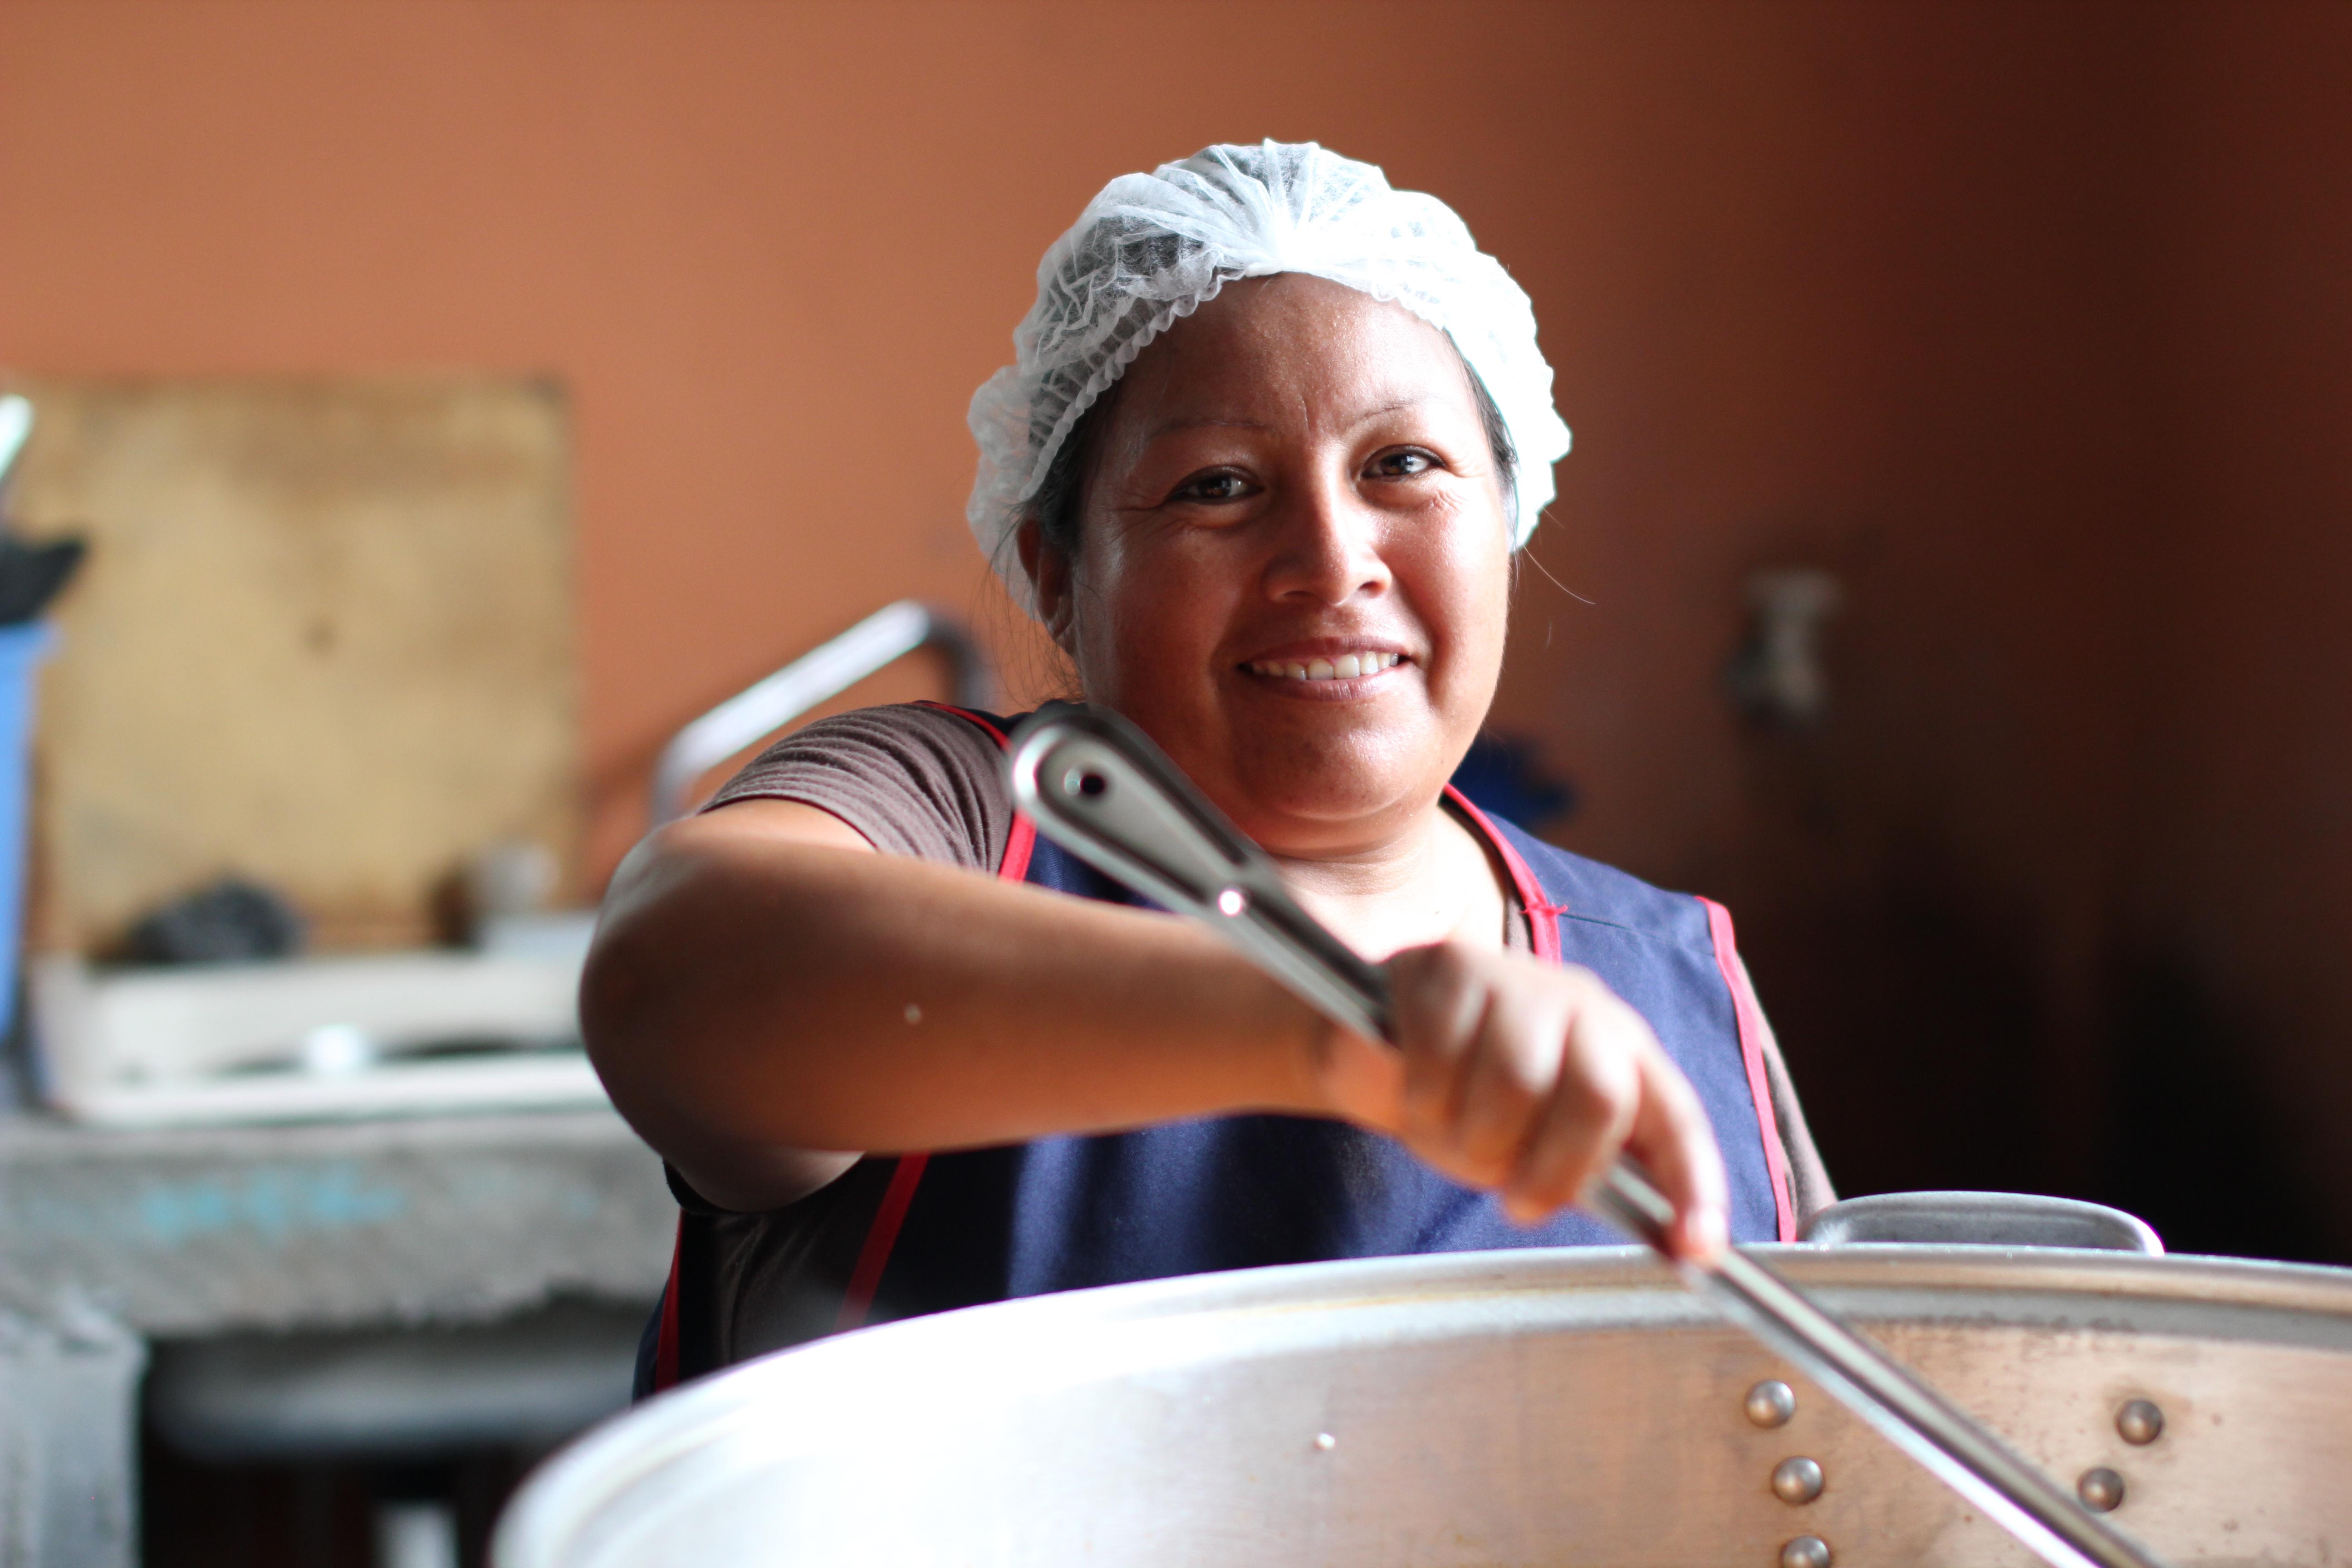 Voluntaria cocinando en un comedor comunitario